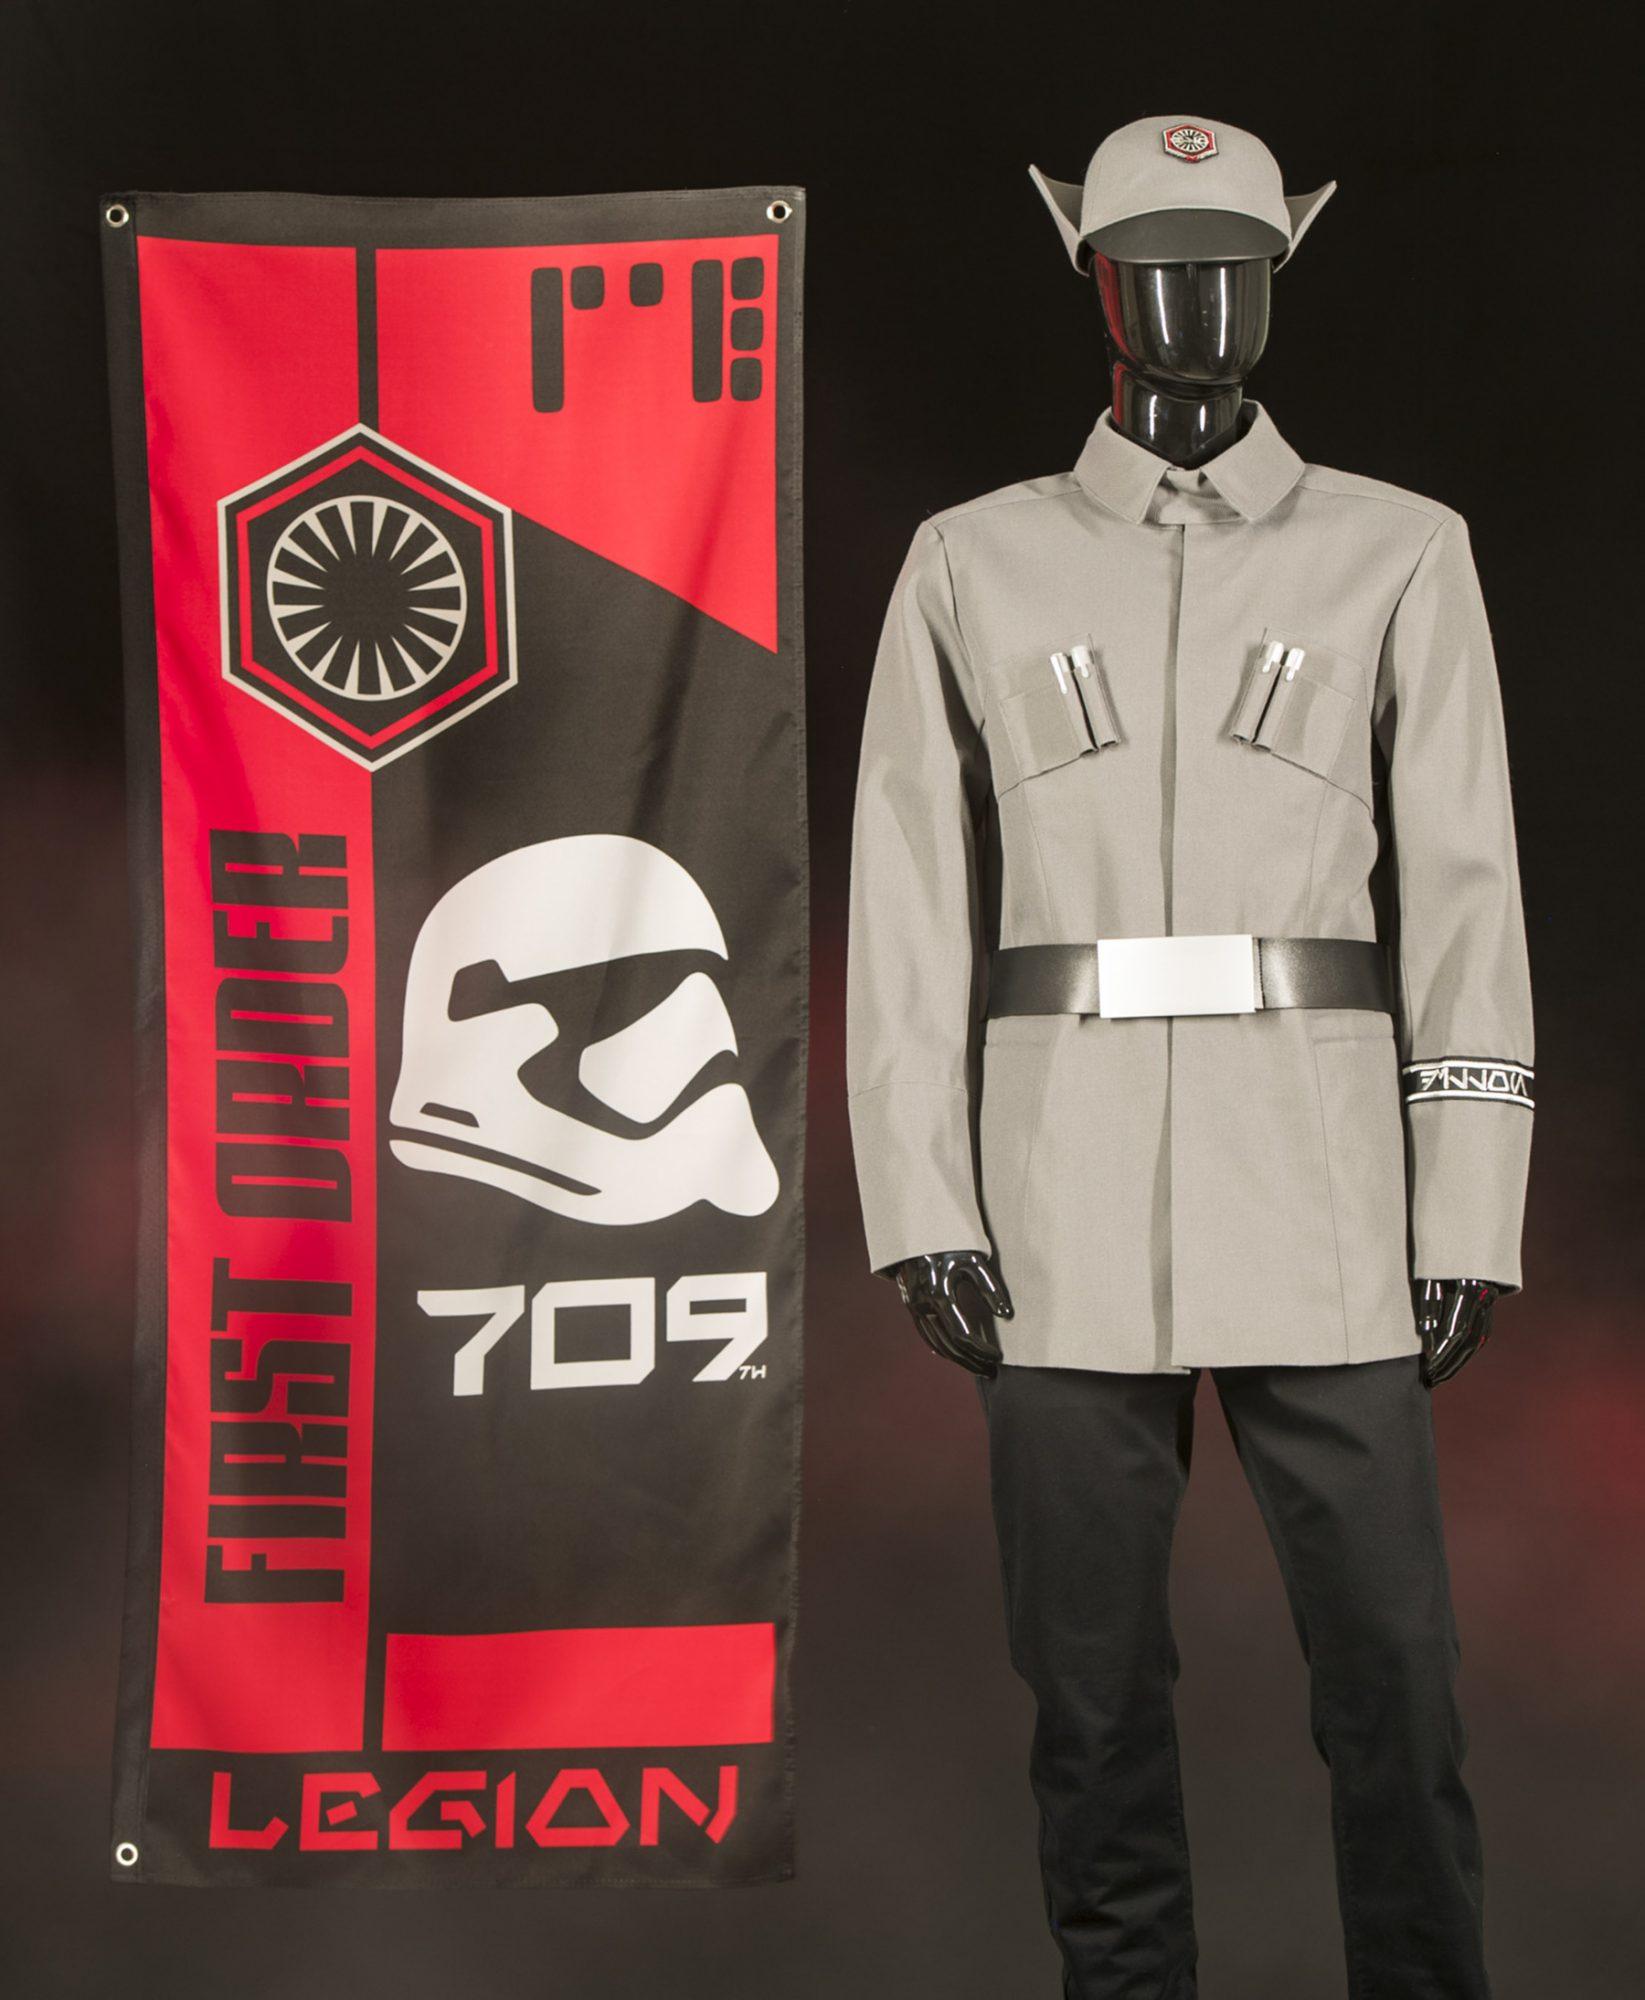 Star Wars: Galaxy's Edge Merchandise – First Order Gear